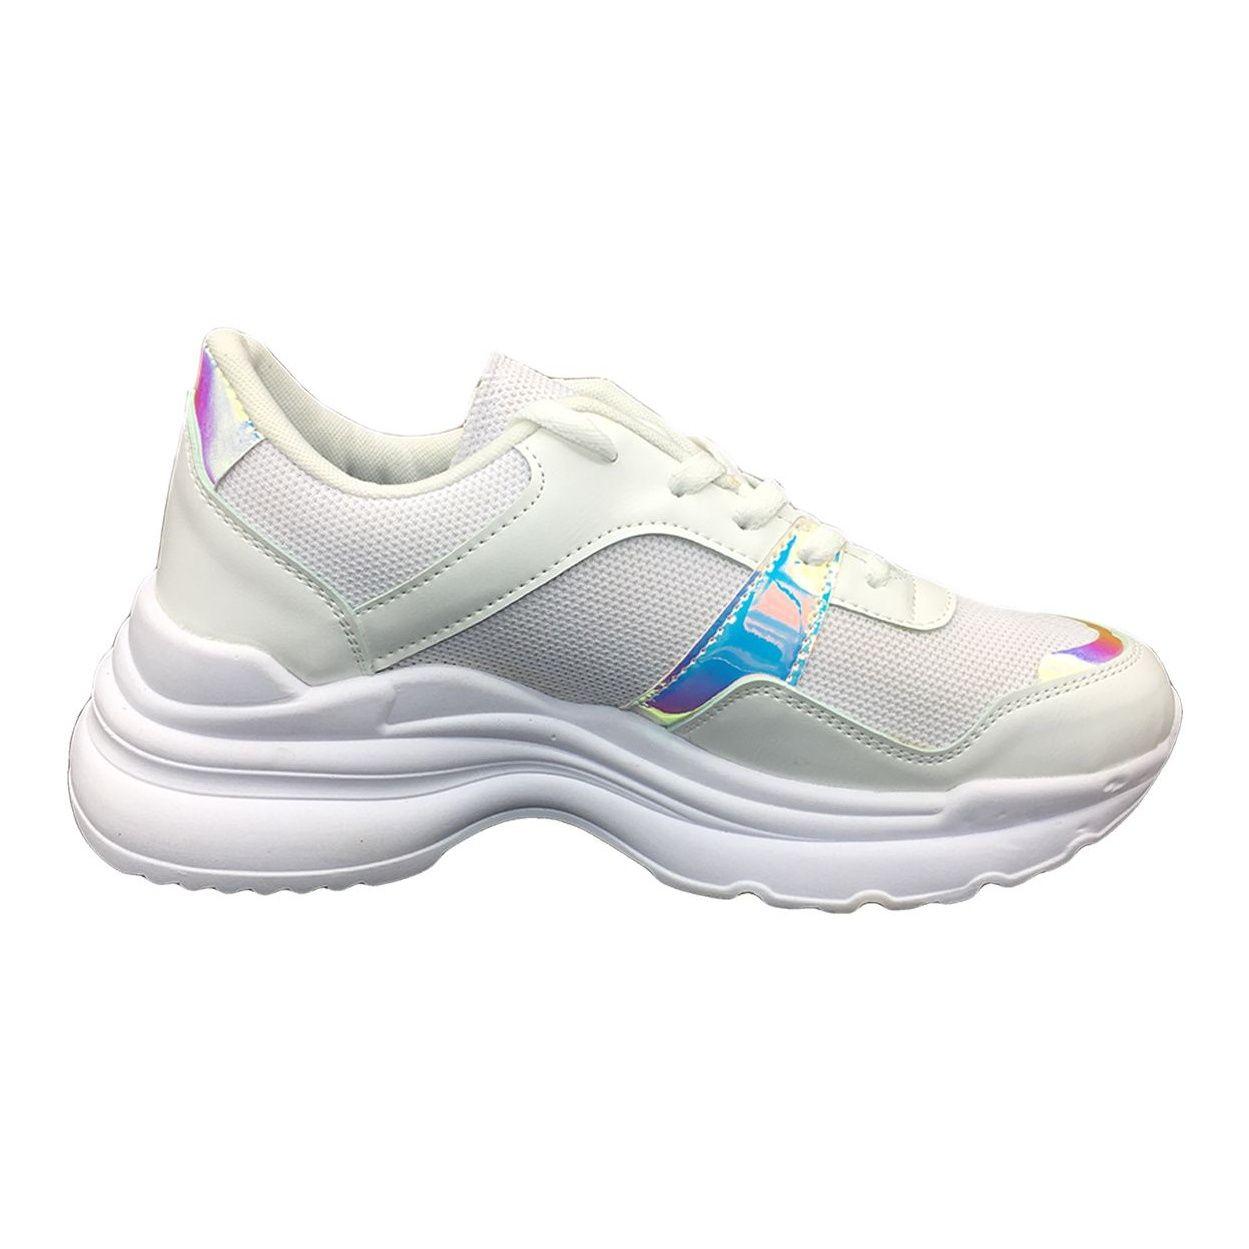 کفش مخصوص پیاده روی زنانه مدل ho 25 رنگ سفید main 1 2